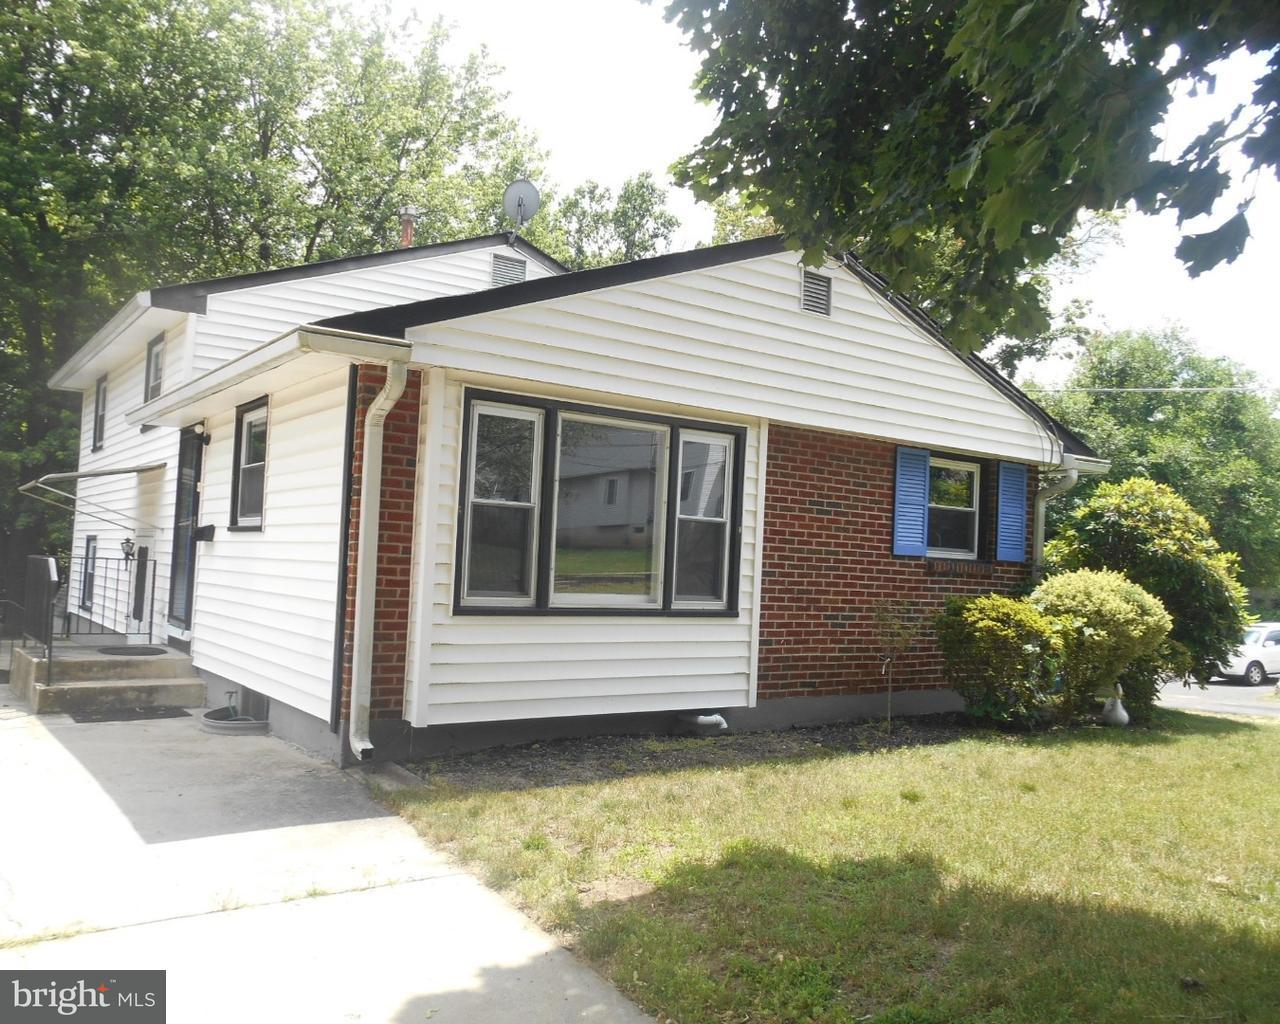 Частный односемейный дом для того Продажа на 58 LA PIERRE Avenue Camden, Нью-Джерси 08045 Соединенные Штаты